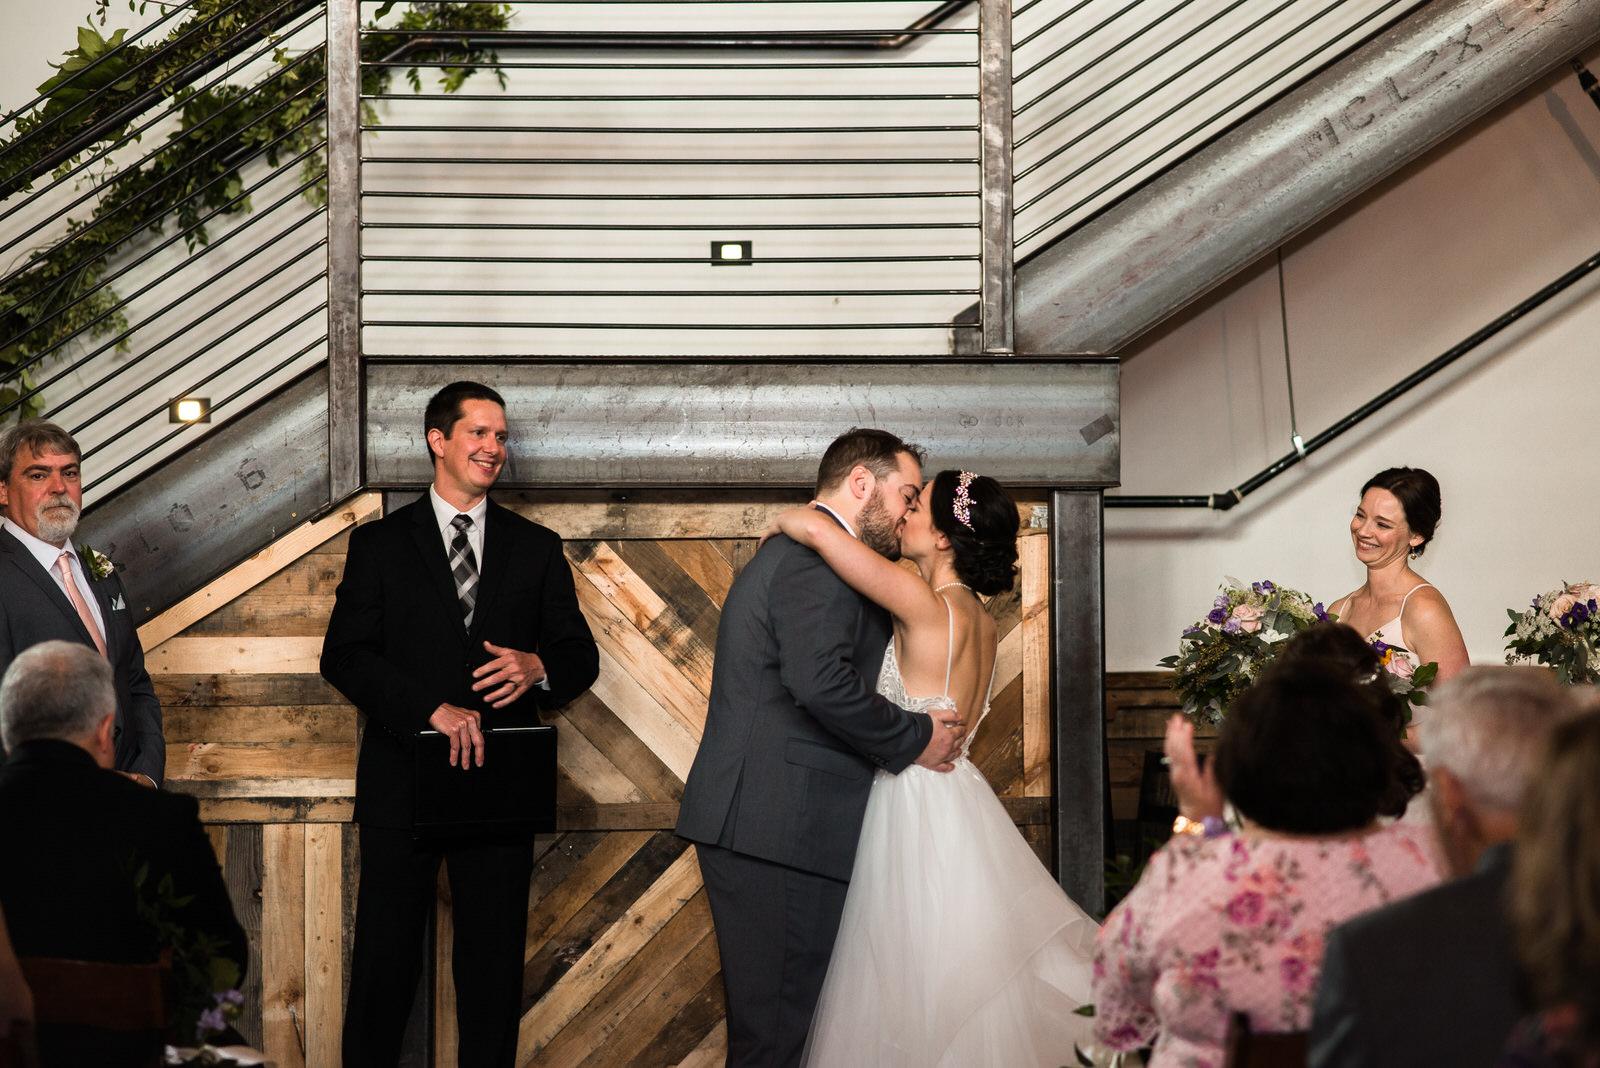 Highland-Brewing-Company-WeddingWedding-393.jpg